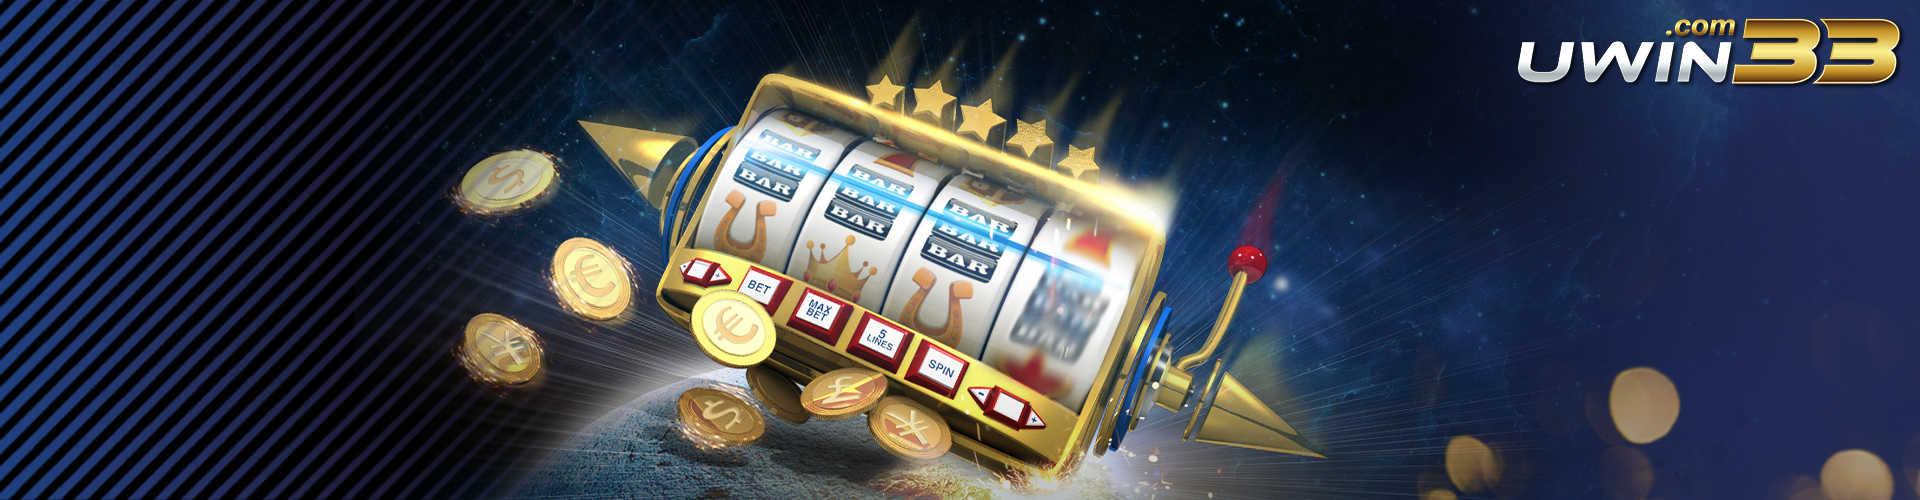 Sports Betting in UWin33